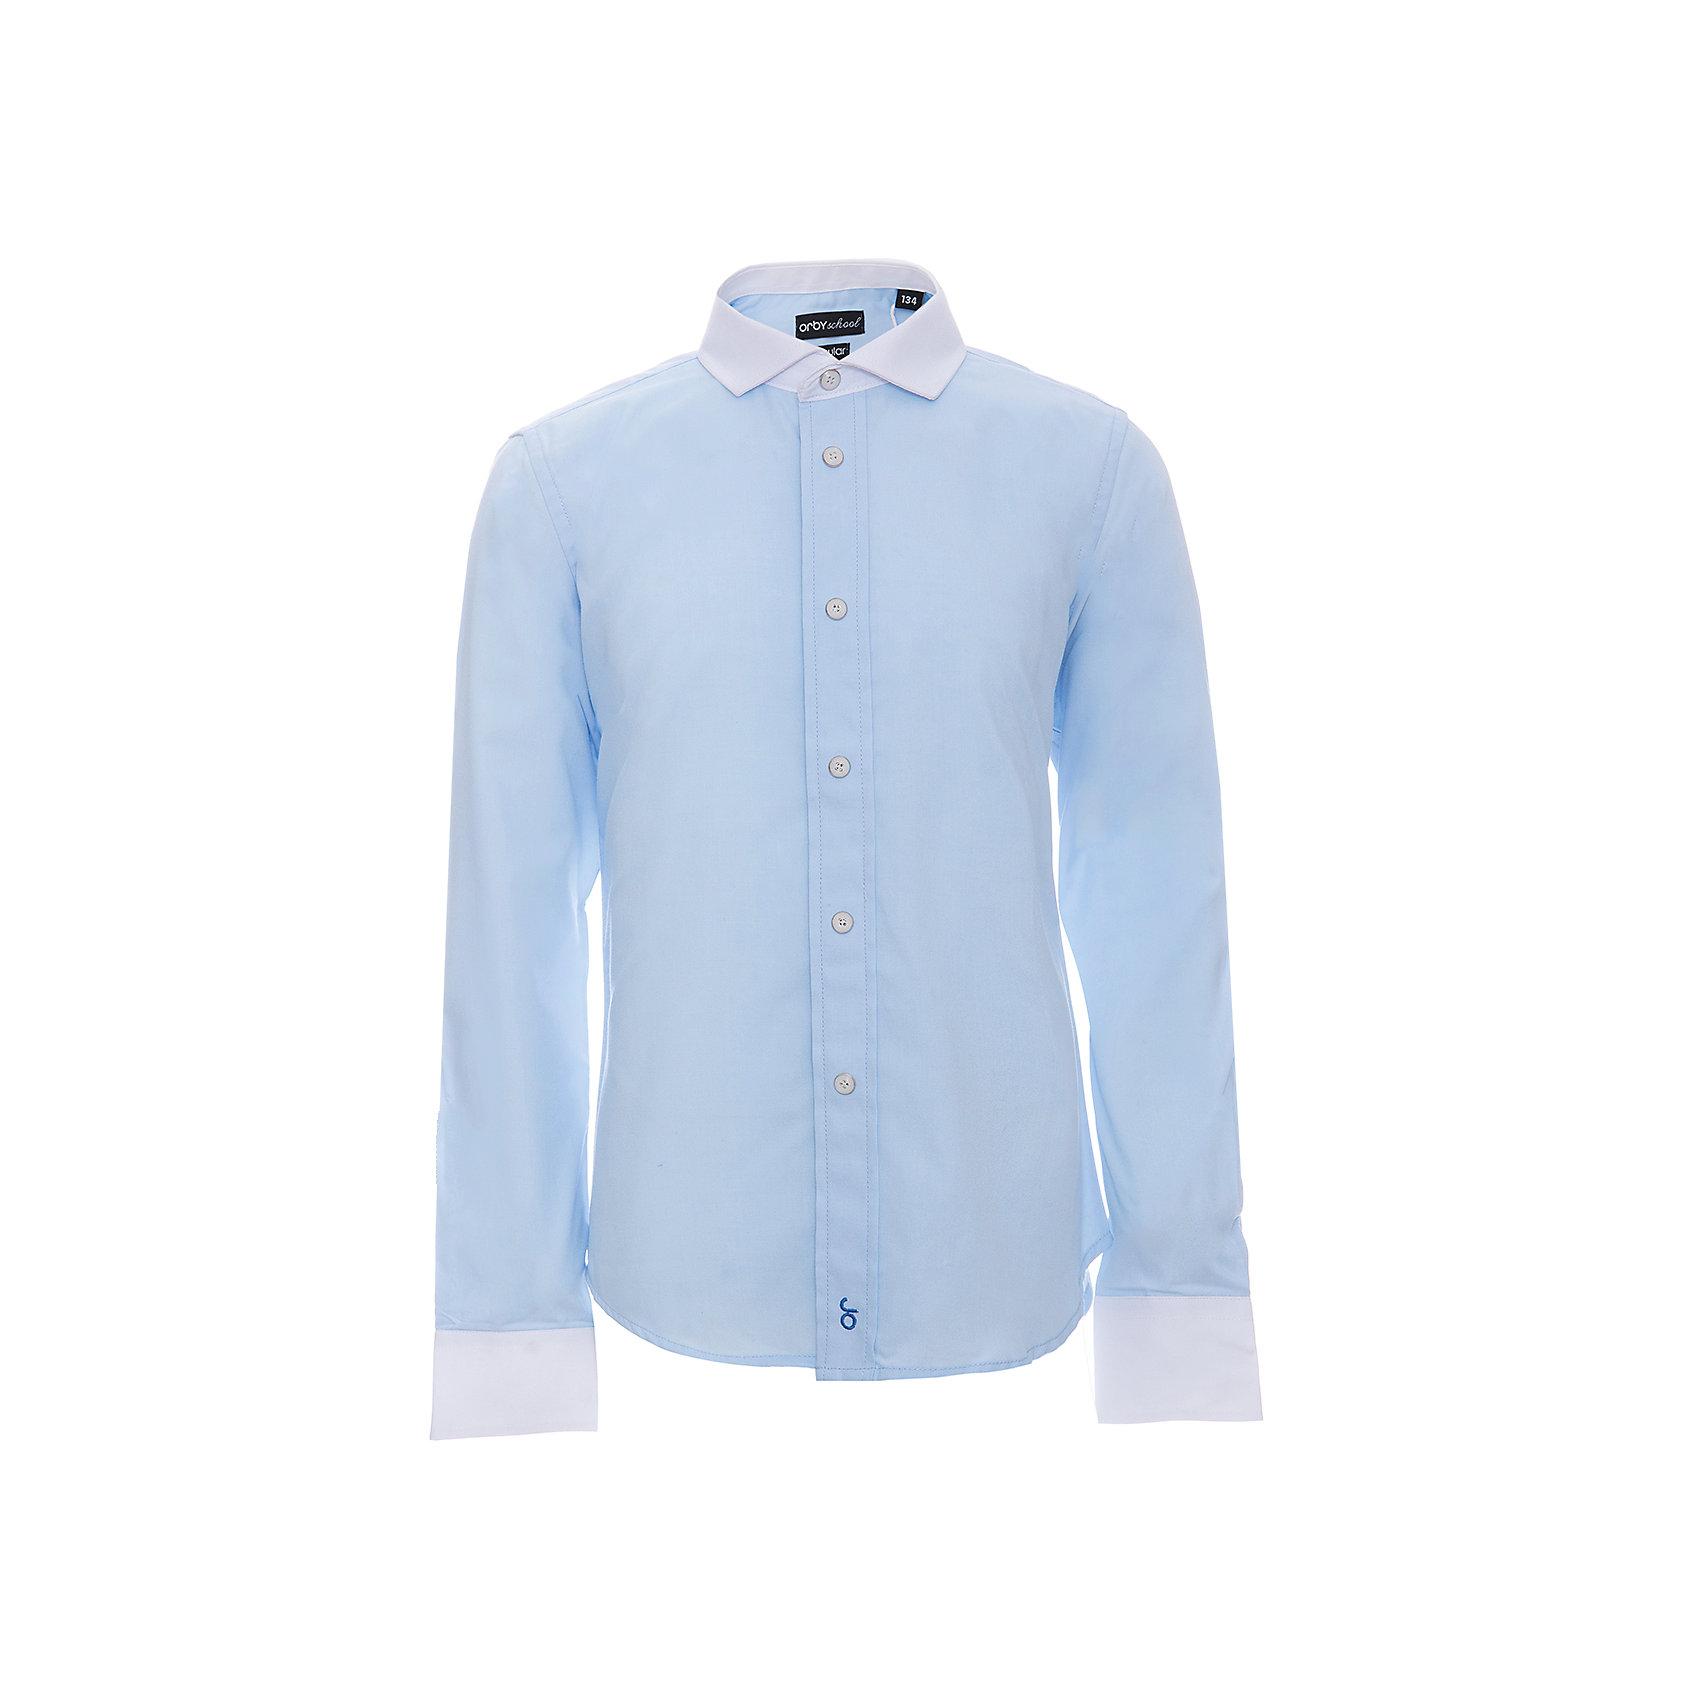 Рубашка для мальчика OrbyБлузки и рубашки<br>Характеристики товара:<br><br>• цвет: голубой<br>• состав ткани: 40% хлопок, 60% ПЭ<br>• особенности: школьная, праздничная<br>• длинные рукава<br>• застежка: пуговицы<br>• контрастный воротник и манжеты<br>• сезон: круглый год<br>• страна бренда: Россия<br>• страна изготовитель: Россия<br><br>Голубая рубашка для мальчика Orby - отличный способ разнообразить гардероб. Такая классическая сорочка хорошо дополнит школьную форму. <br><br>Классическая рубашка поможет ребенку выглядеть стильно и чувствовать себя комфортно. Сшита из материала с добавлением натурального хлопка.<br><br>Рубашку для мальчика Orby (Орби) можно купить в нашем интернет-магазине.<br><br>Ширина мм: 174<br>Глубина мм: 10<br>Высота мм: 169<br>Вес г: 157<br>Цвет: голубой<br>Возраст от месяцев: 168<br>Возраст до месяцев: 180<br>Пол: Мужской<br>Возраст: Детский<br>Размер: 170,122,128,134,140,146,152,158,164<br>SKU: 6960324